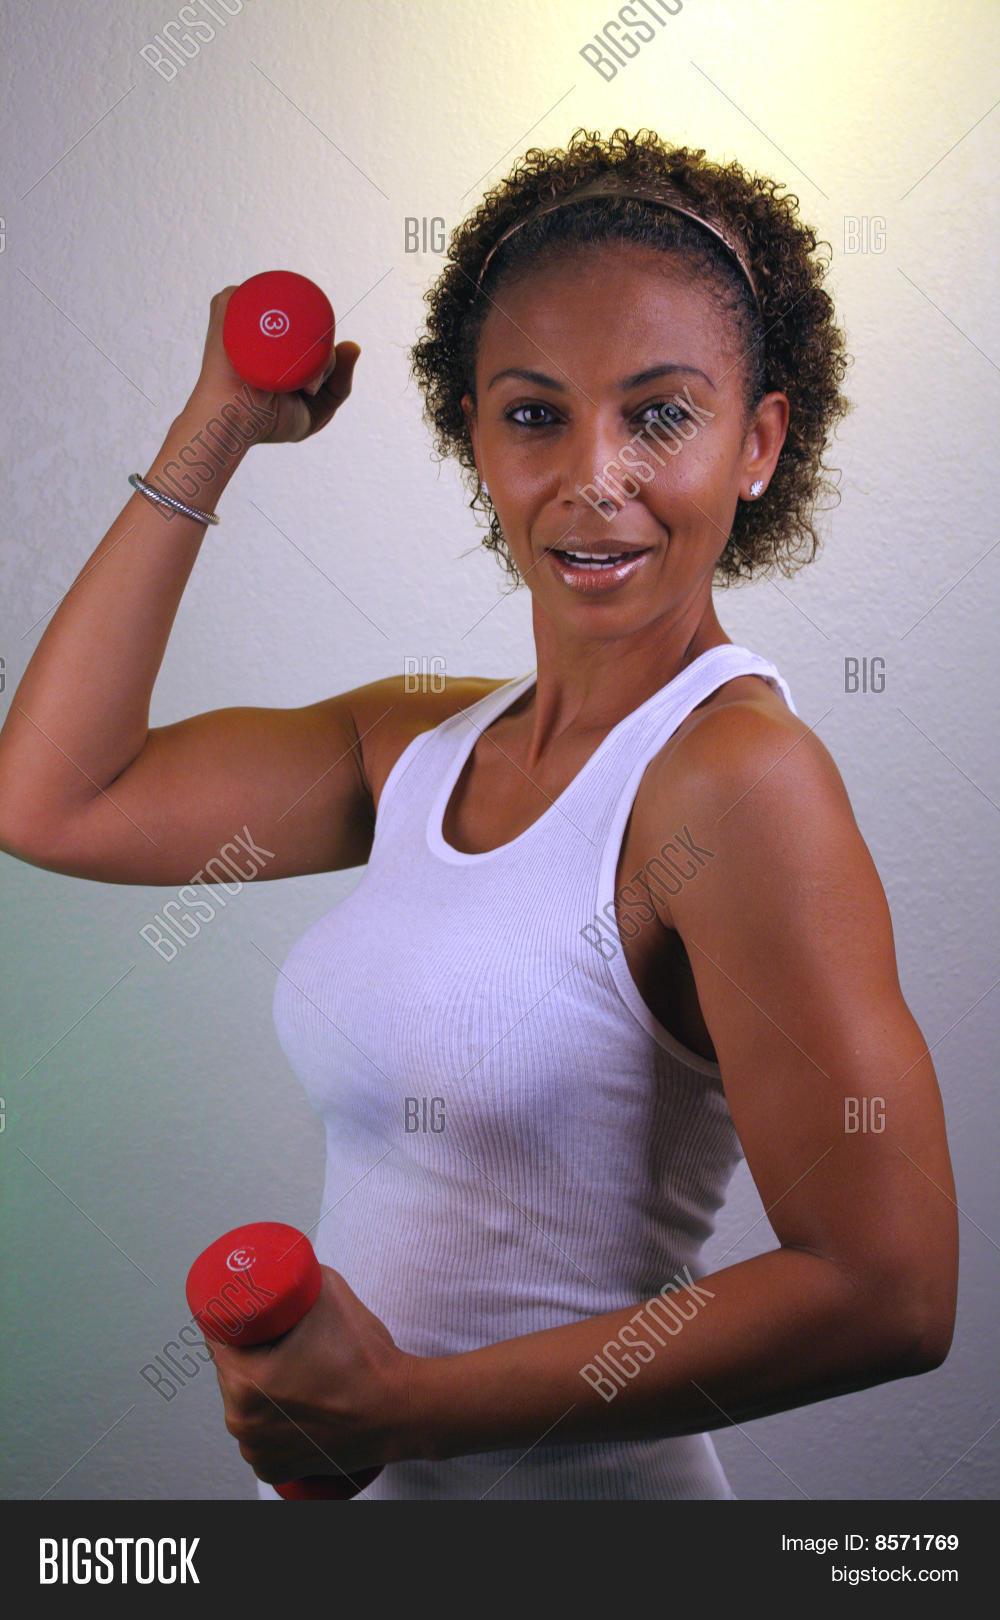 Opinion you beautiful mature black woman not